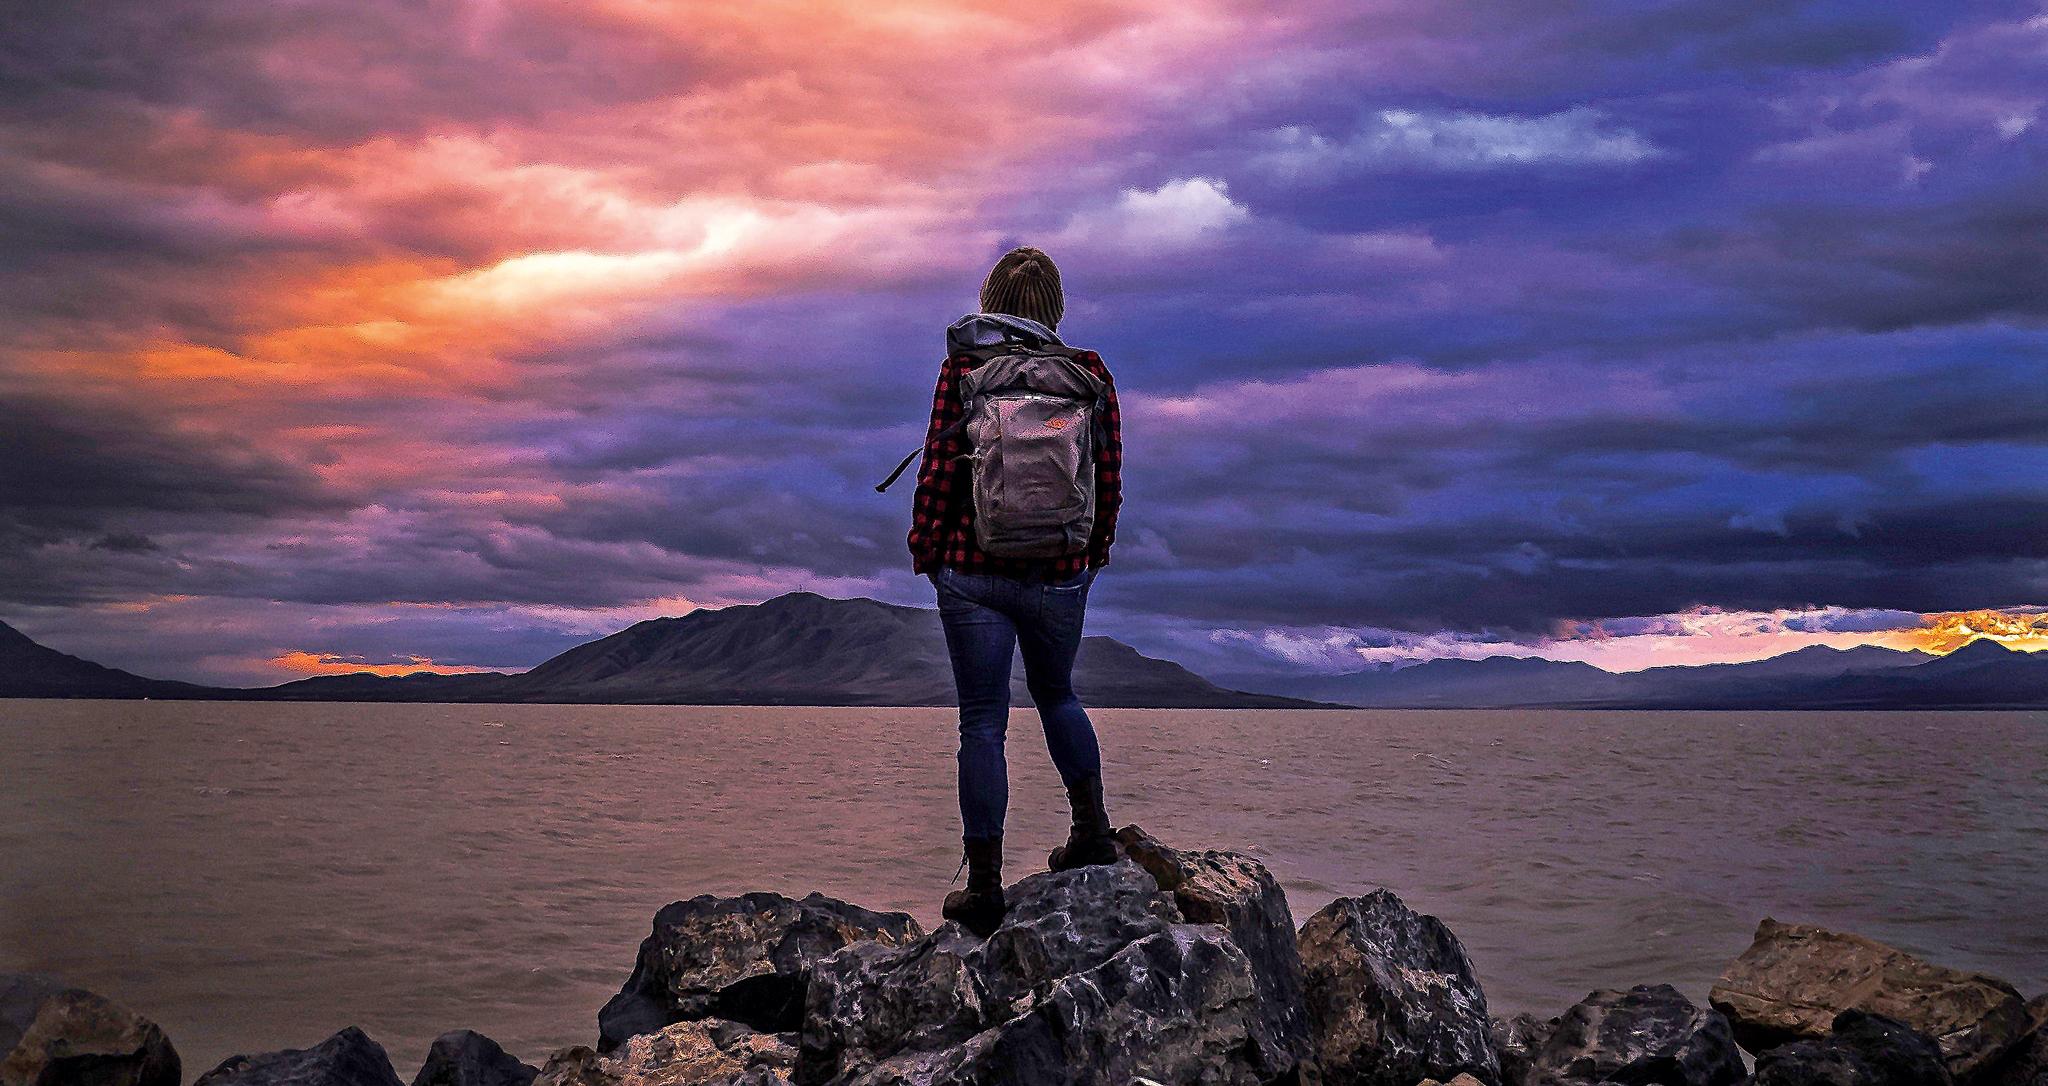 Der sehnsüchtige Blick ans andere Ufer. Liegt dort der Ort des Verlangens? Der Hort heimatlicher Gefühle? Wandern ist eine Schlüsselaktivität, da sie den Menschen bei hinreichender Sensibilität durch symbolbehaftete Umgebungen führt. © xphere.com